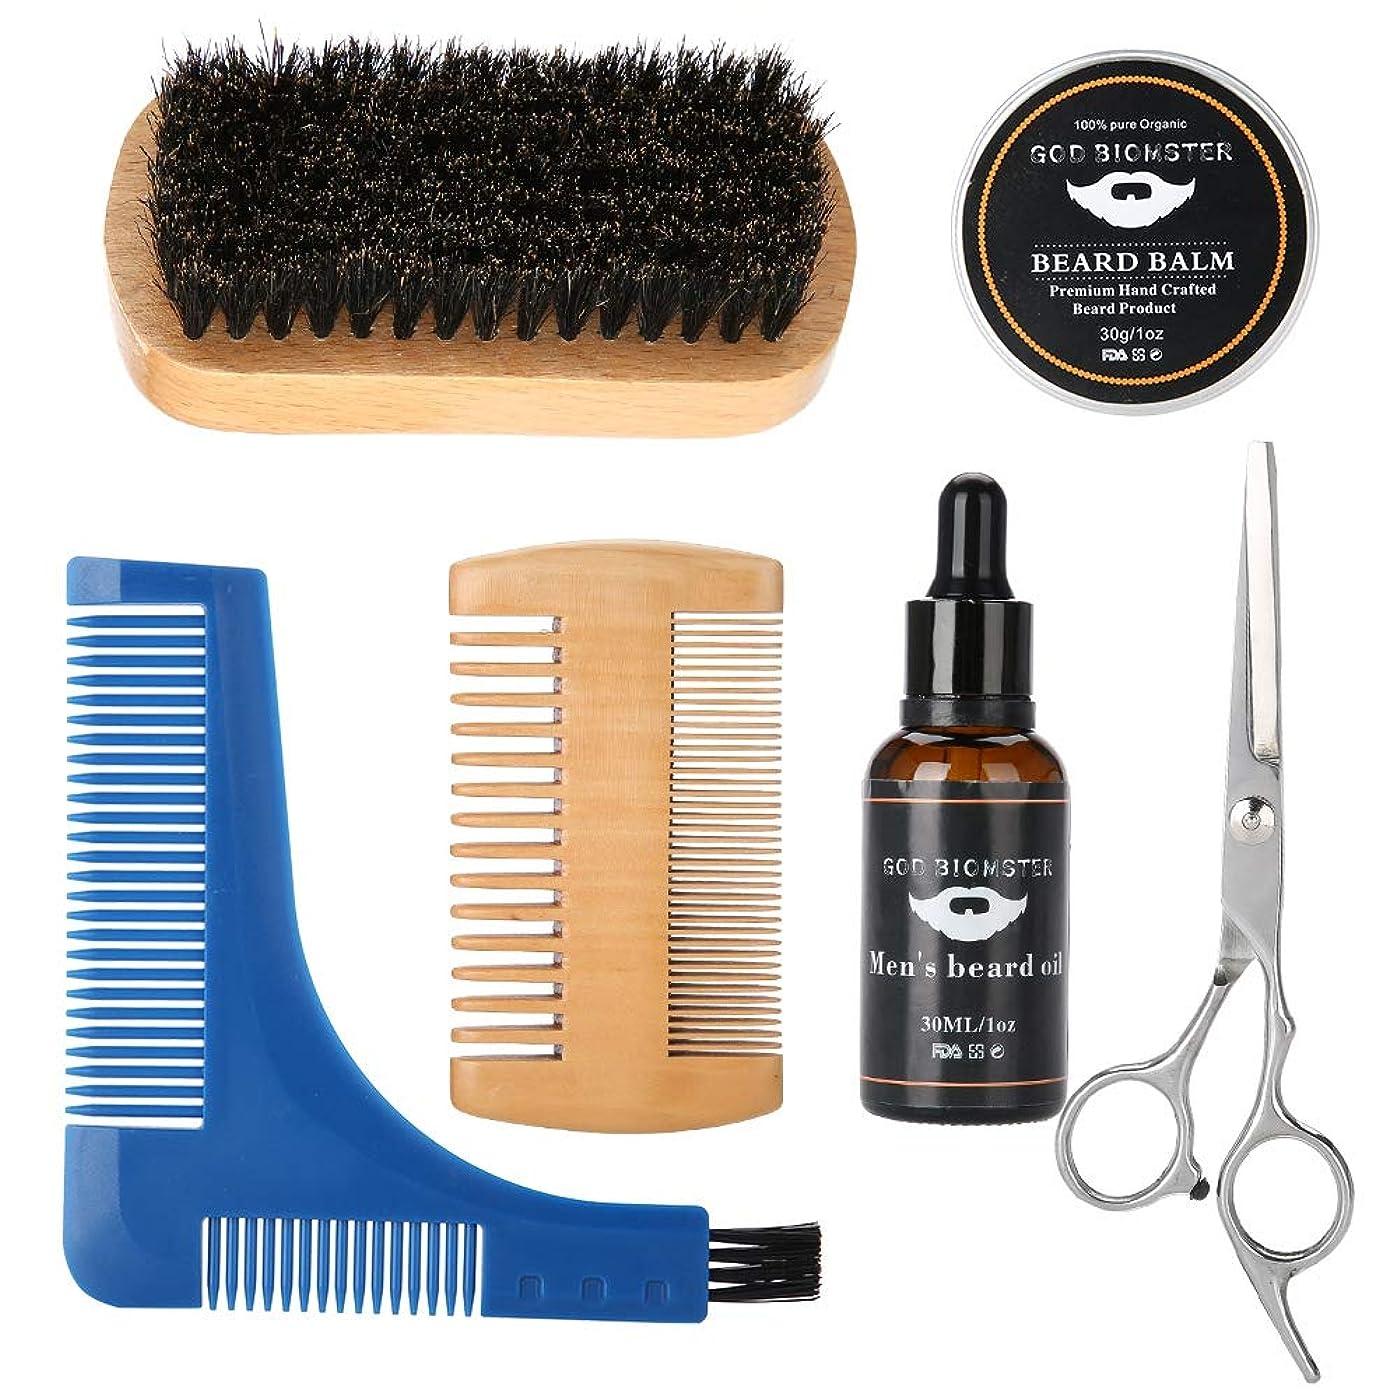 アウトドア土砂降りセットする男性のひげセット、木材製+クリスタル素材ポータブルブラシひげシェービングクリーニングツール用男性ひげ剃り